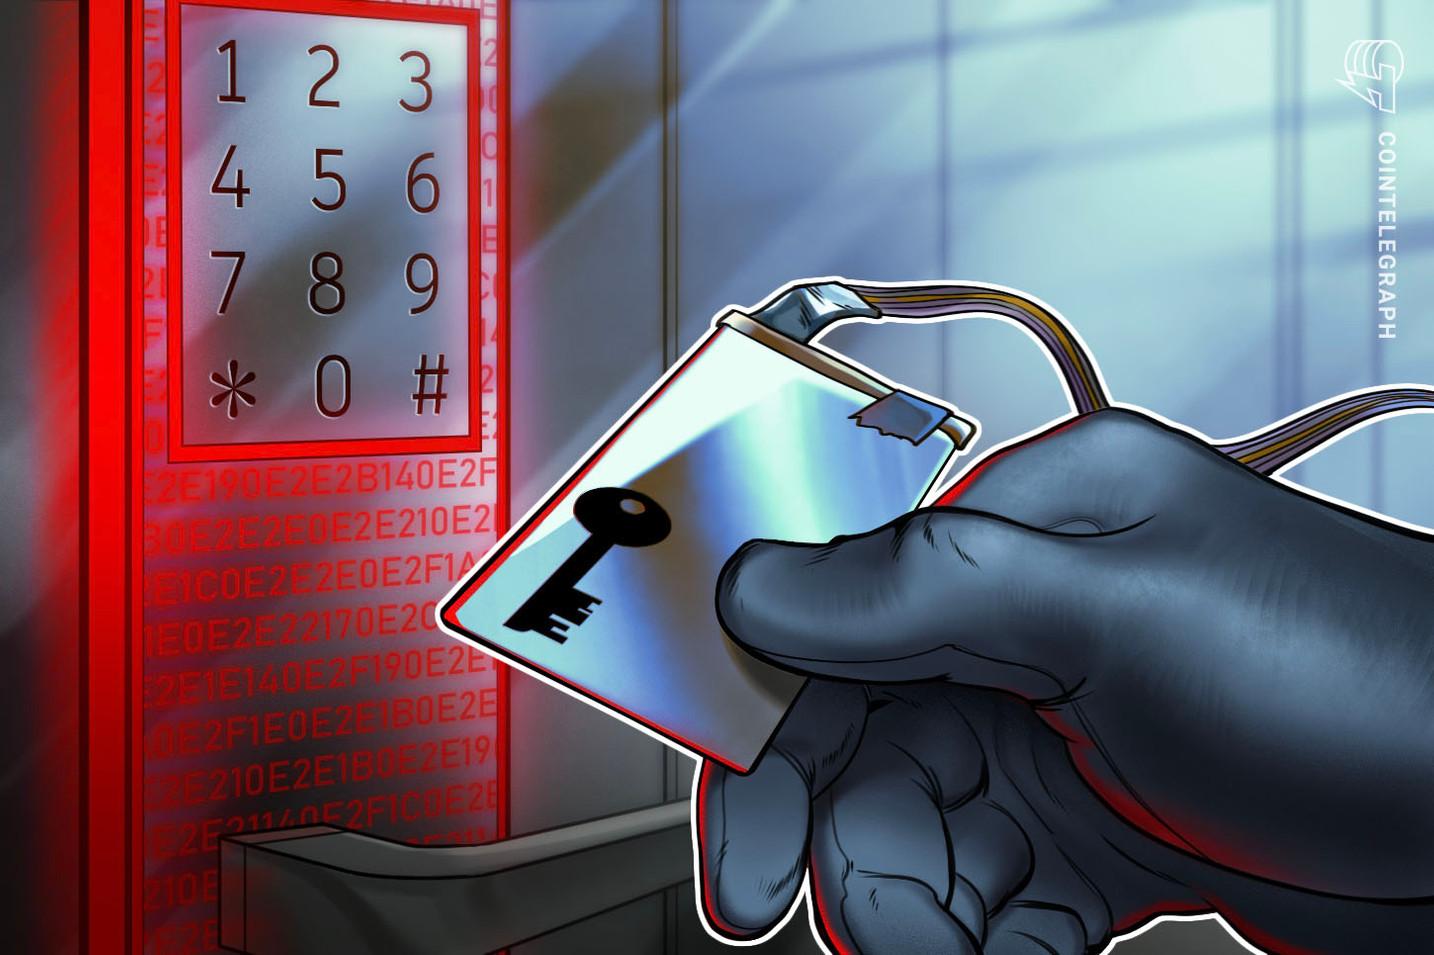 Bitcoin-Diebstahl: Anstieg der Fälle nach Corona-Krise möglich